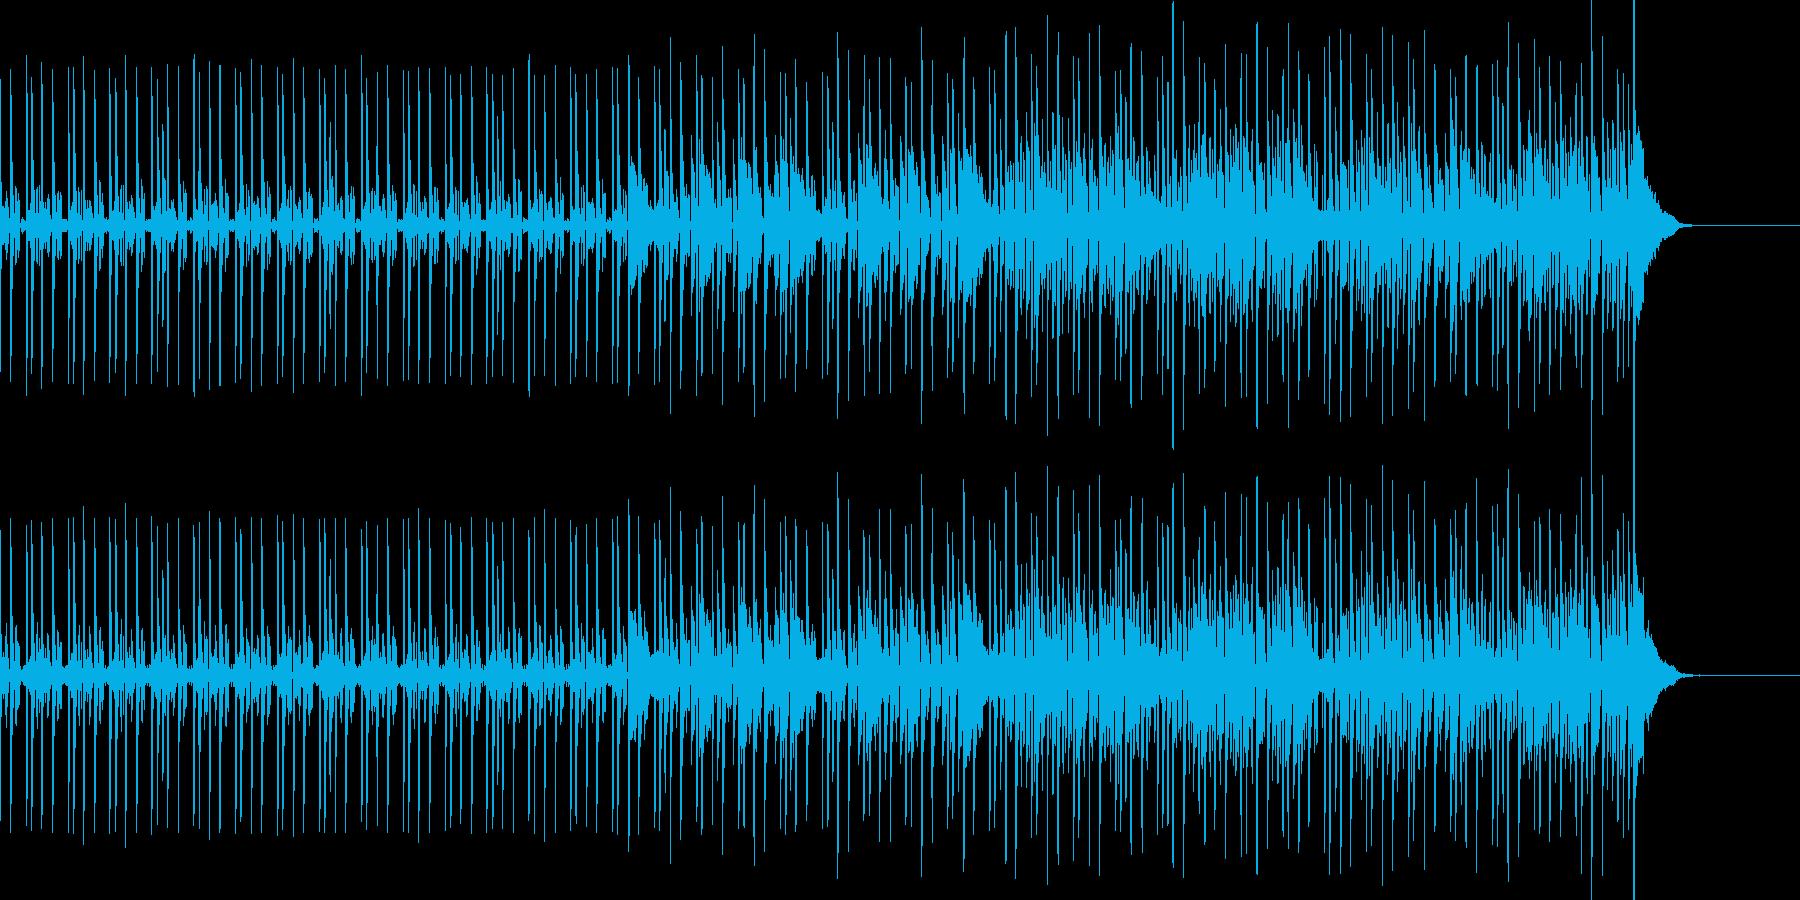 弾むビートとシーケンスの再生済みの波形